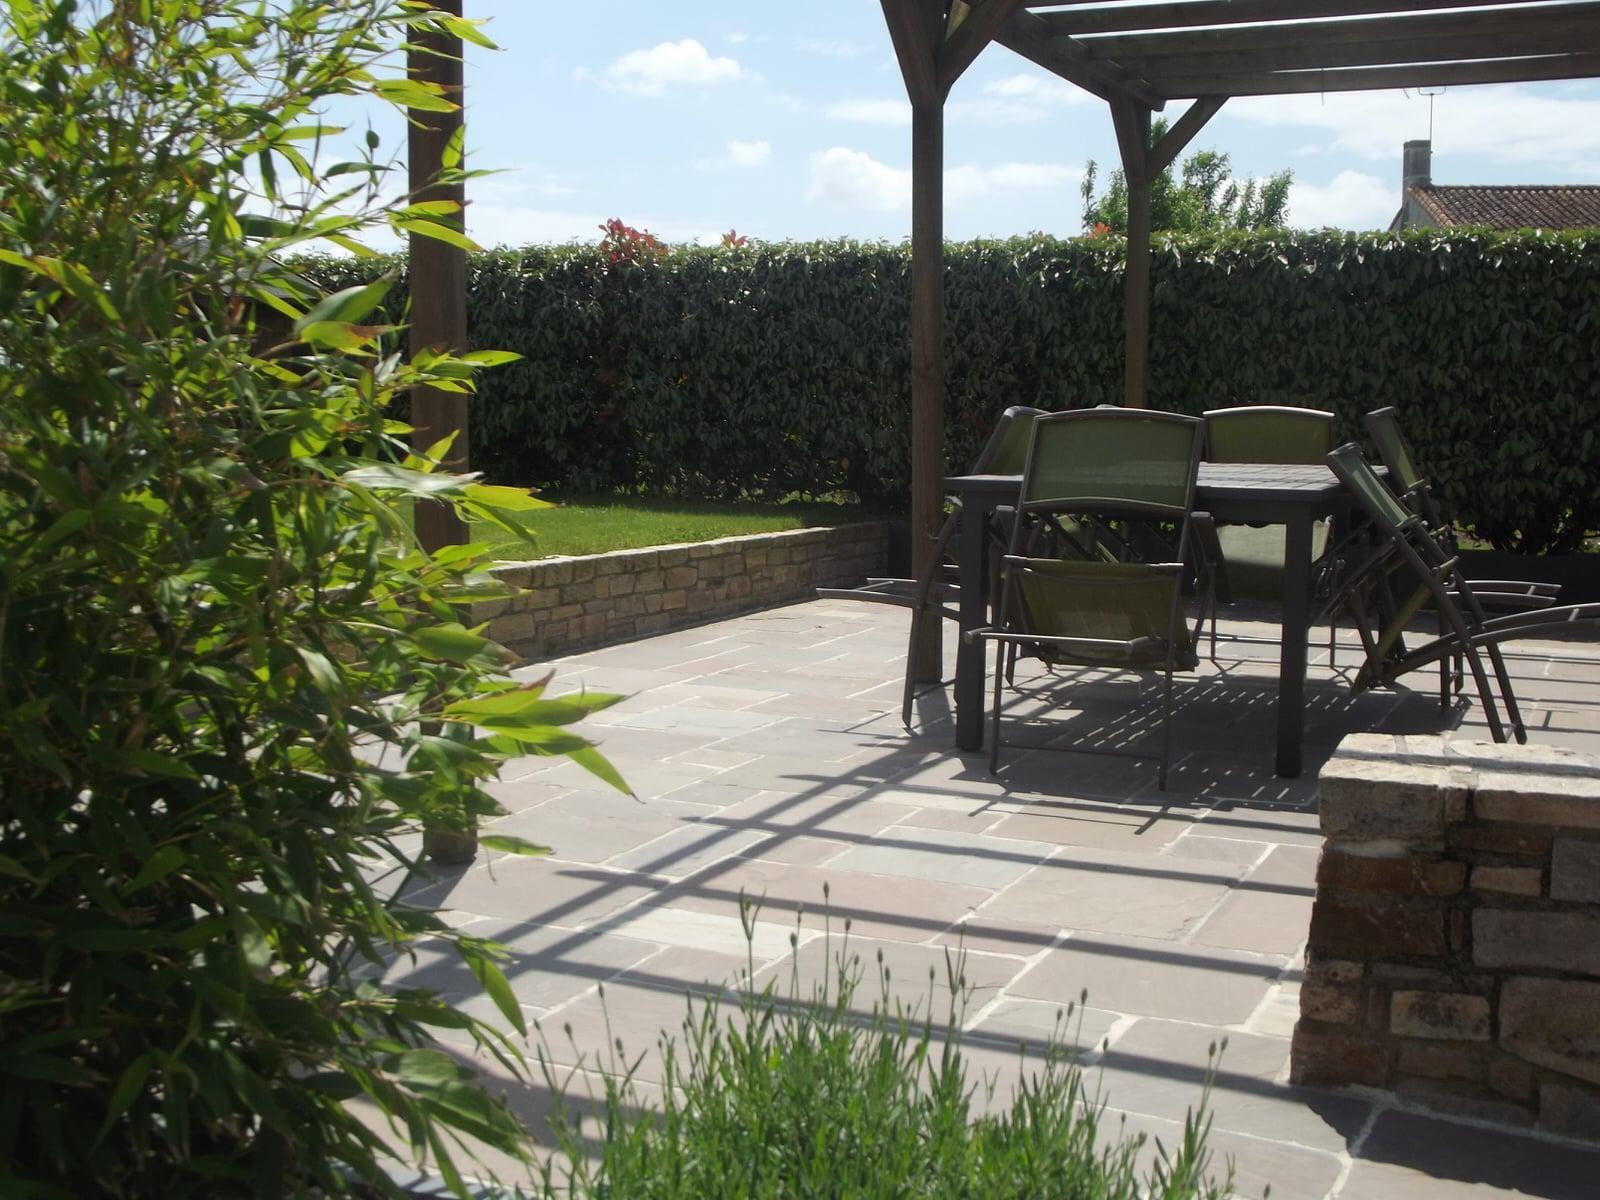 Comment préparer sa terrasse pour la belle saison ?